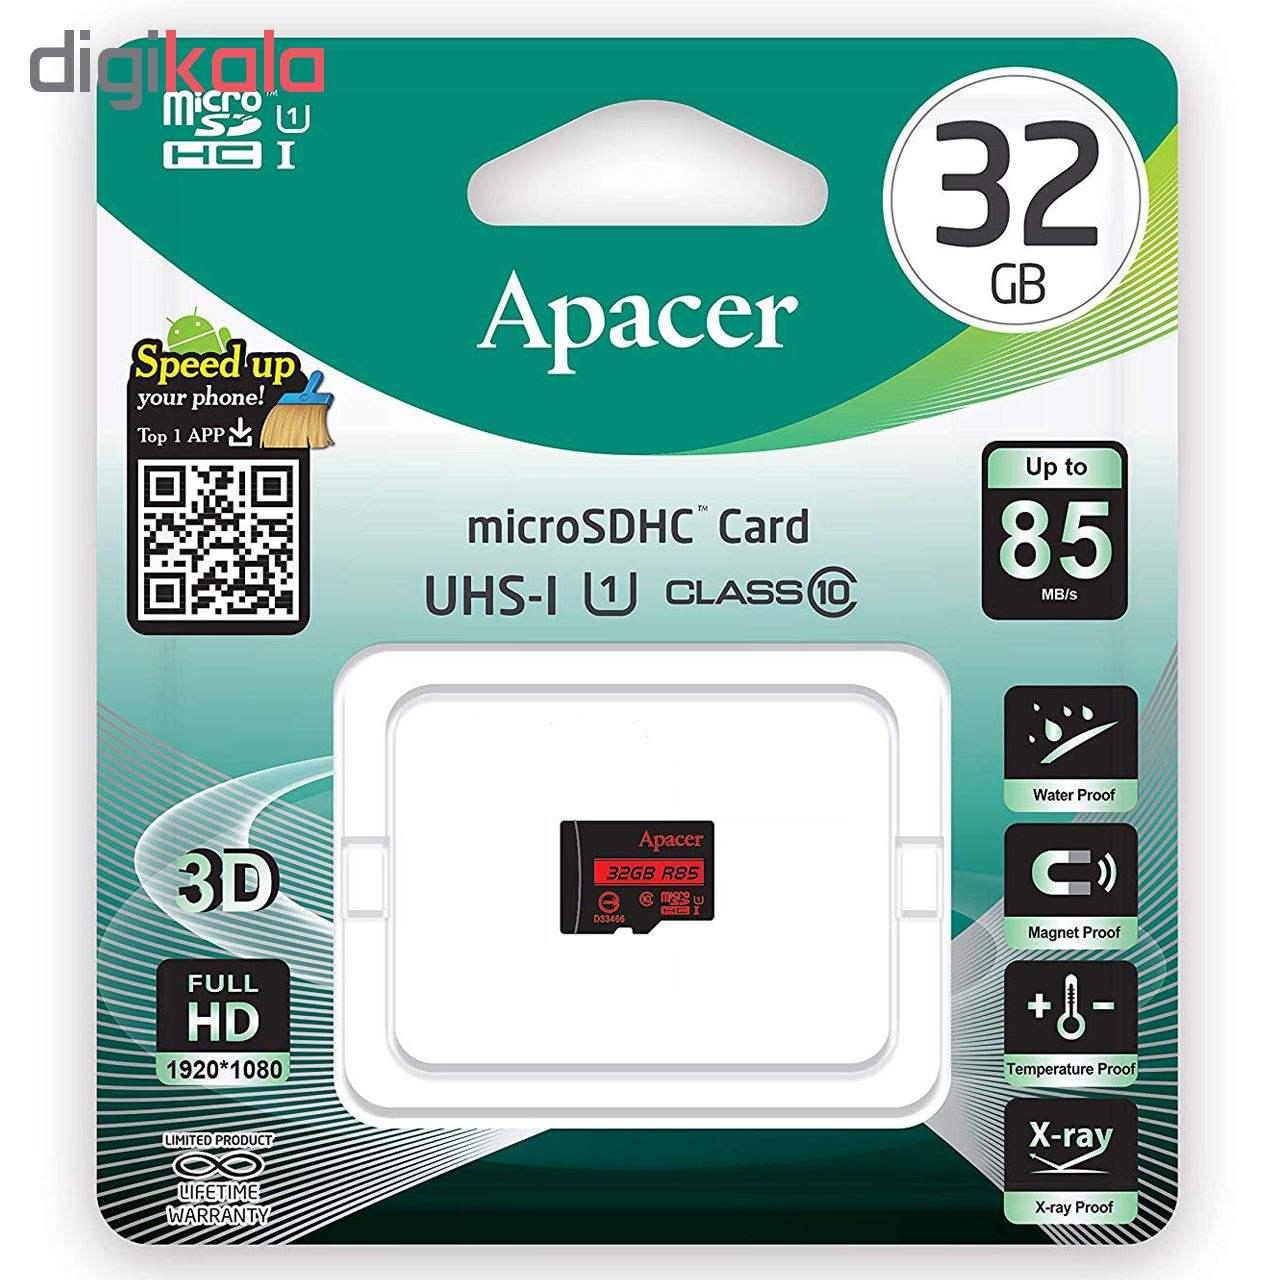 کارت حافظه microSDHC اپیسر مدل AP32G کلاس 10 استاندارد  UHS-I U1 سرعت 85MBps ظرفیت 32 گیگابایت thumb 1